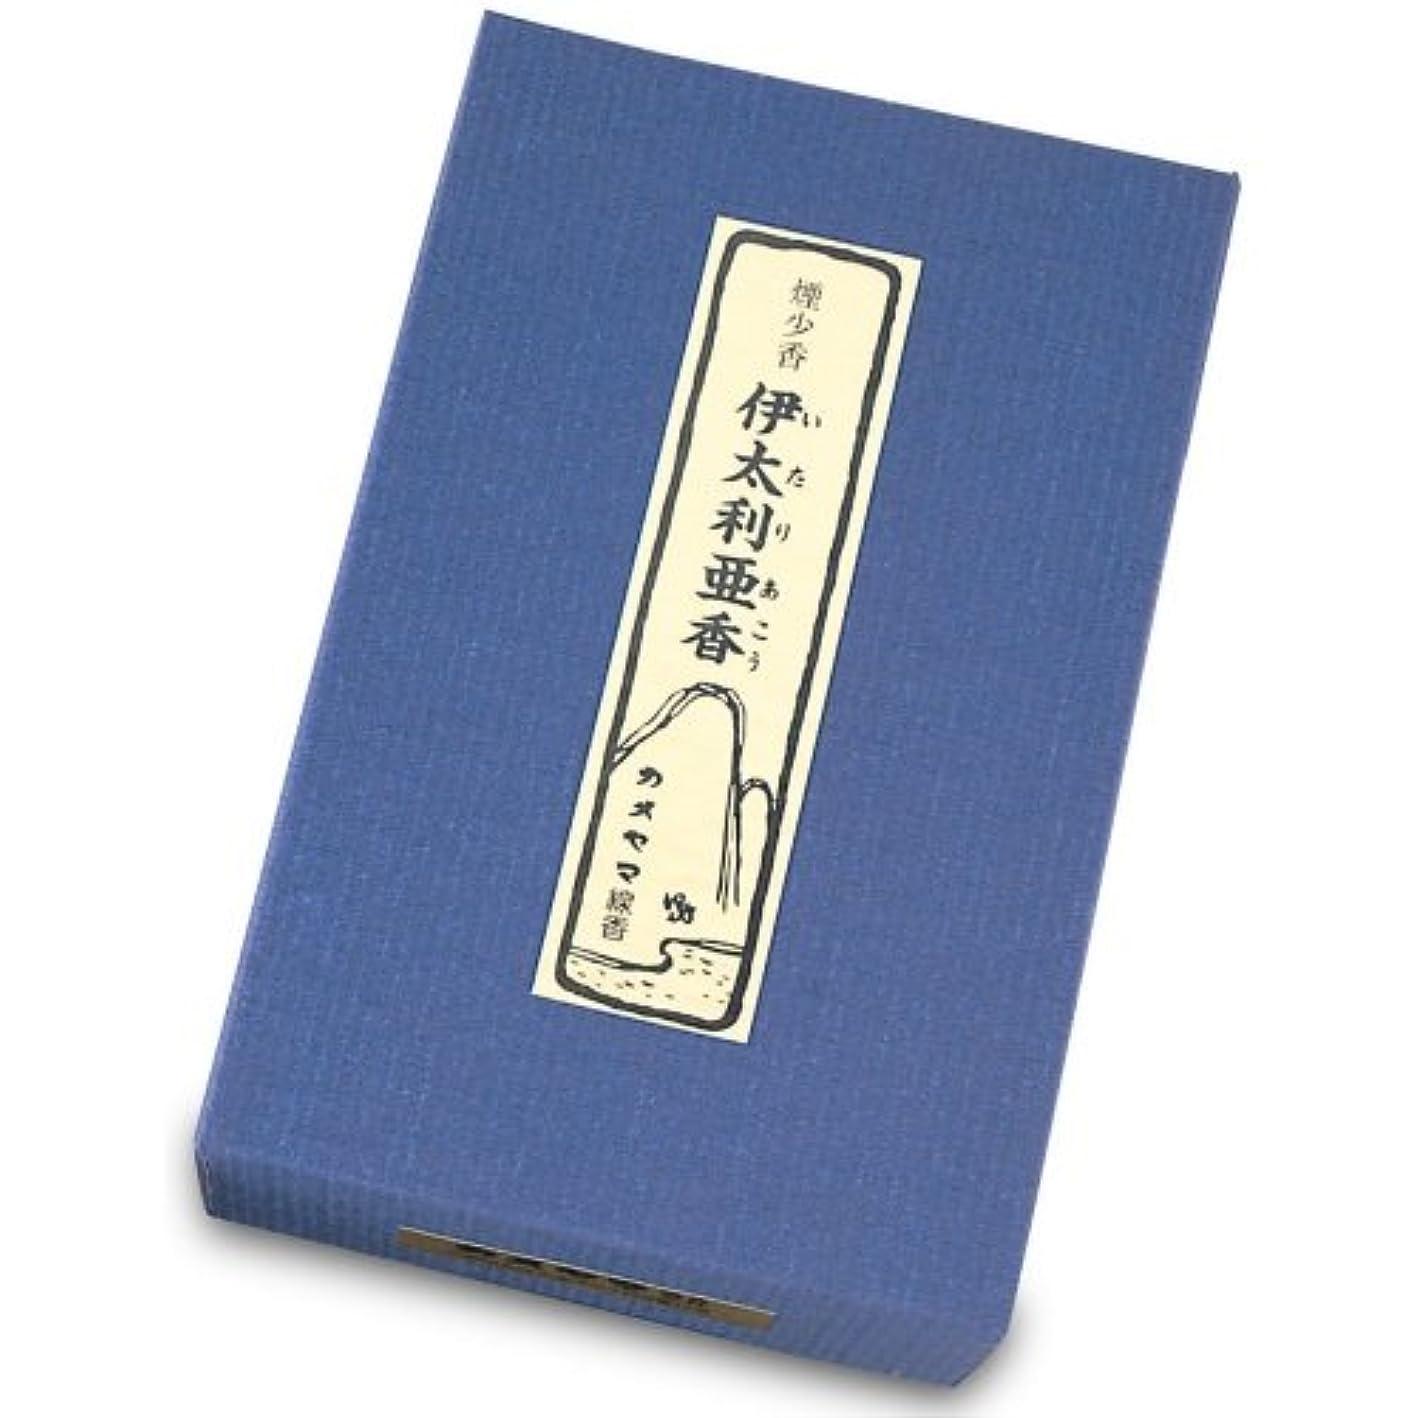 スティック感嘆フォークイタリア香 185g